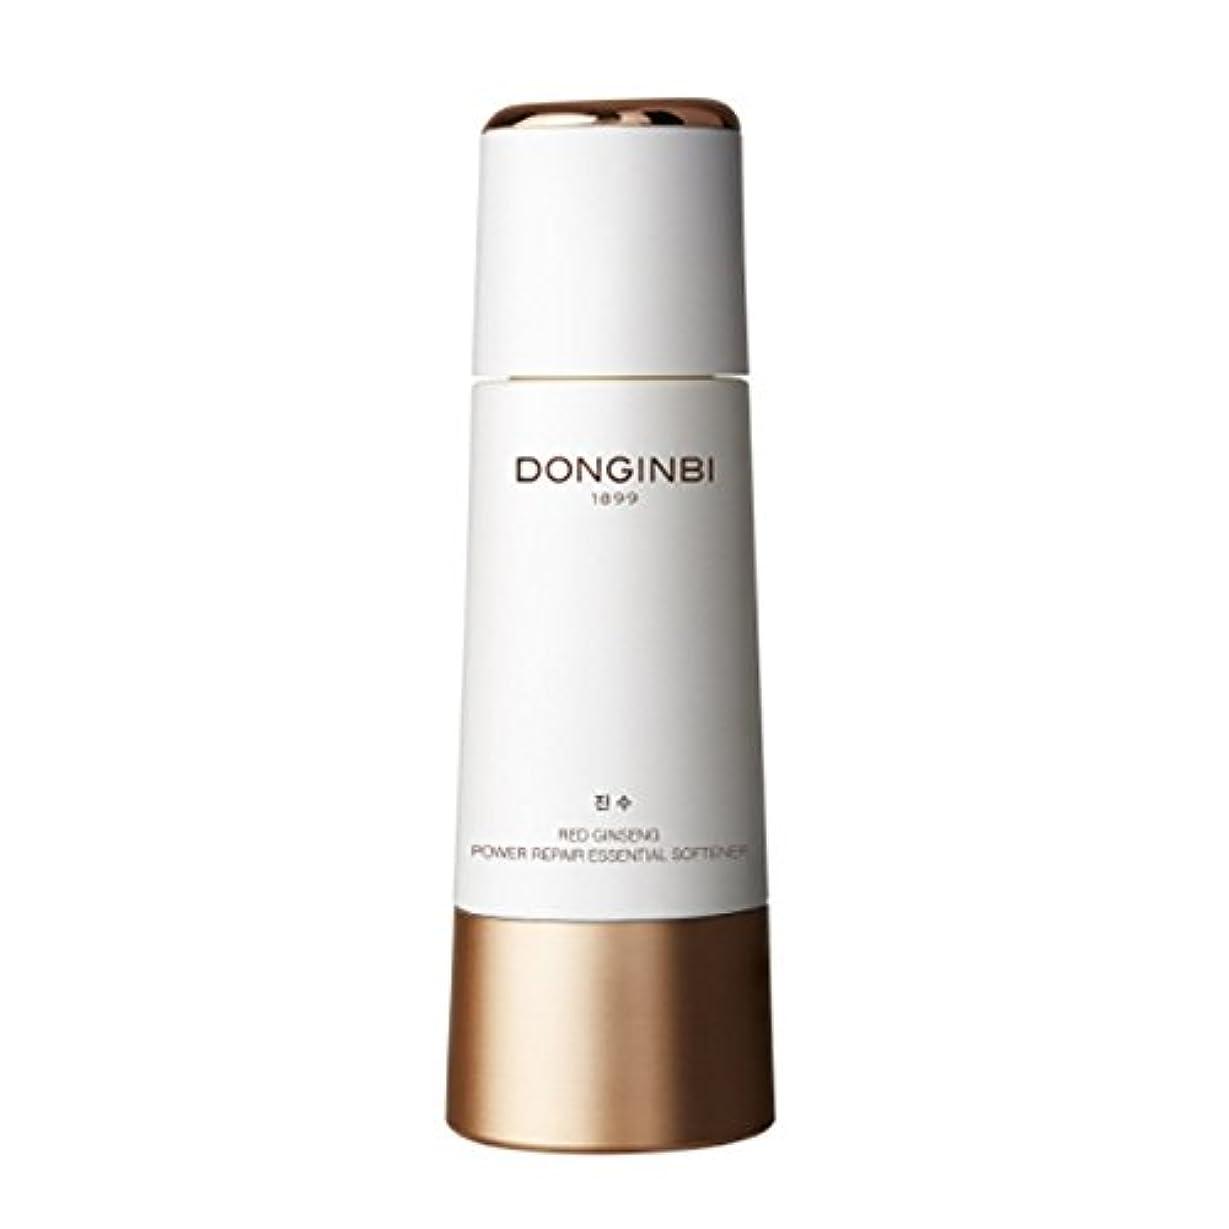 プロット手順アンカー[ドンインビ]DONGINBI ドンインビ ジン化粧水 130ml 海外直送品 toner130ml [並行輸入品]